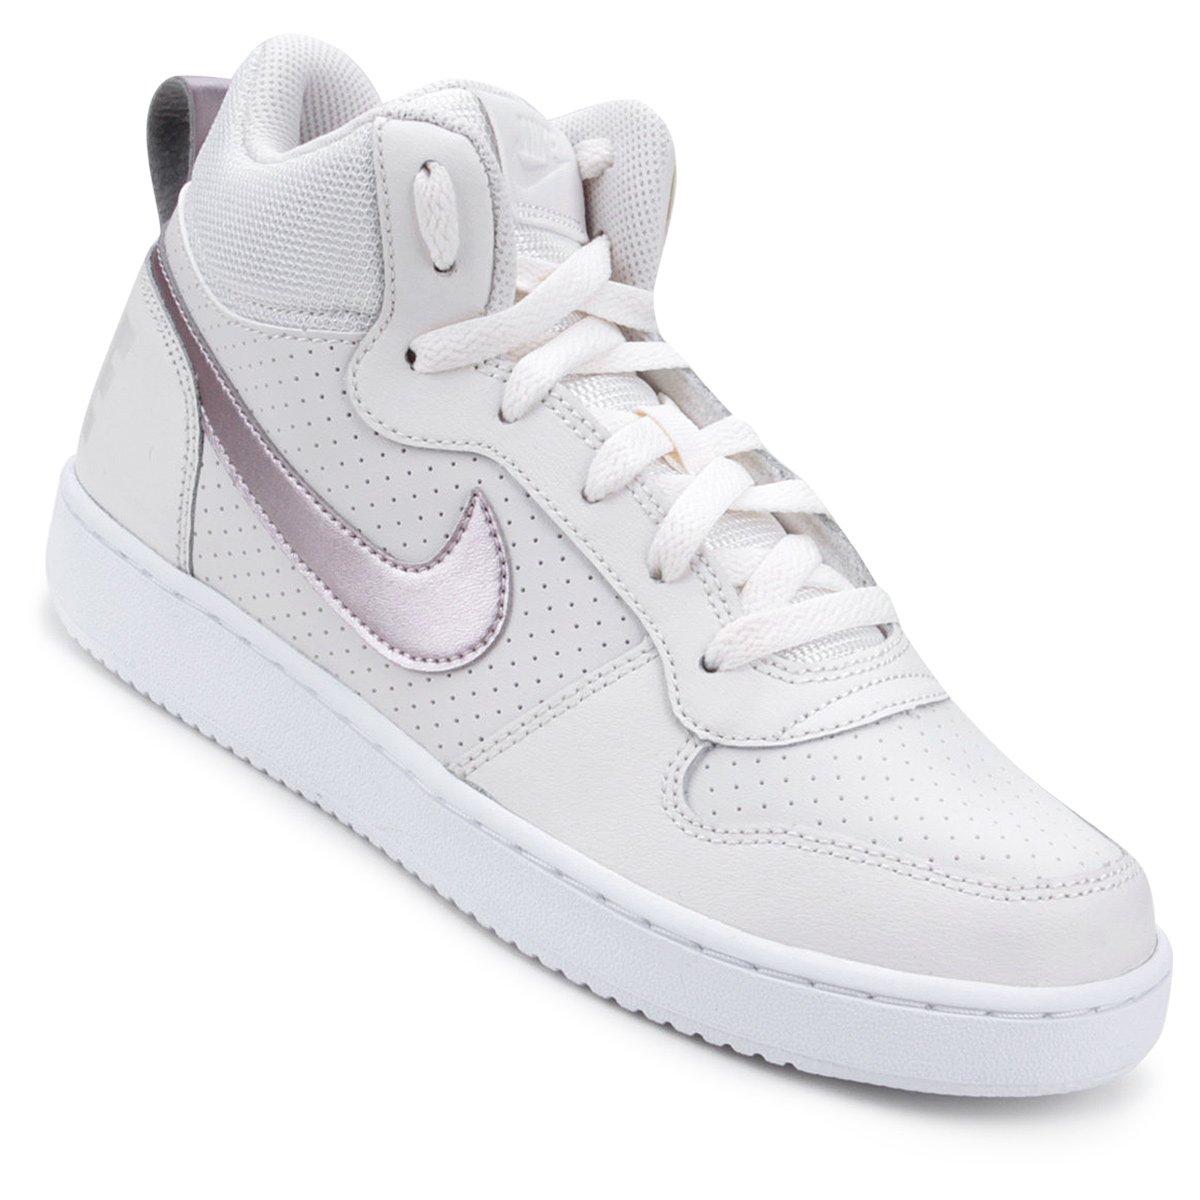 90b8725994e Tênis Couro Nike Court Borough Mid - Branco e Rosa - Compre Agora ...